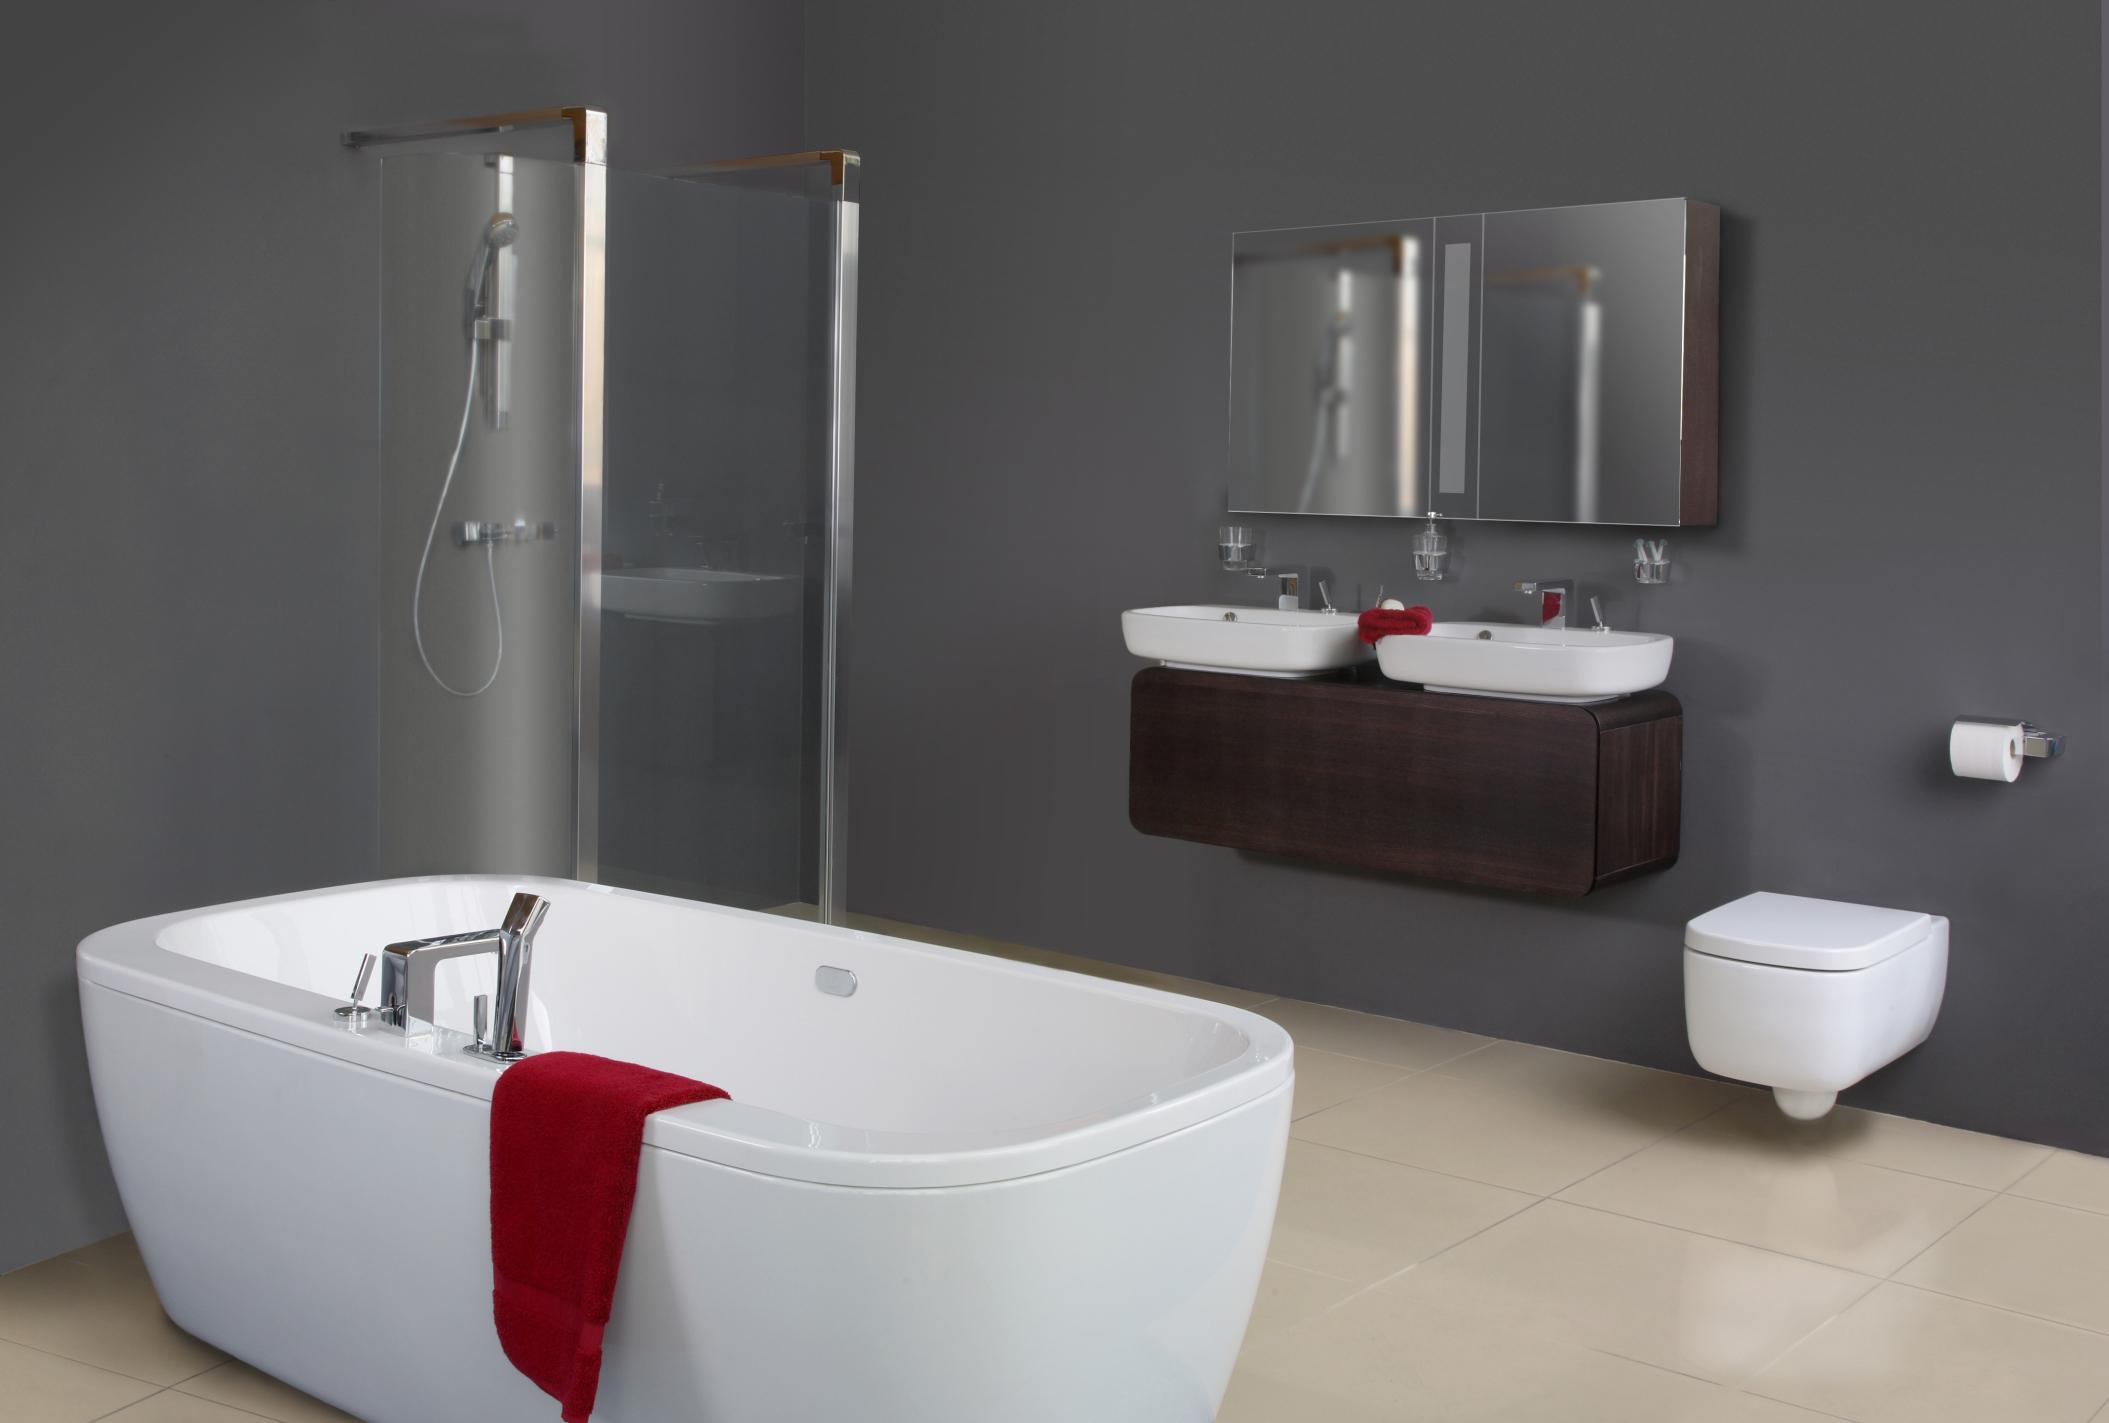 Muebles De Baño Estilo Minimalista:Grey Modern Bathroom Design